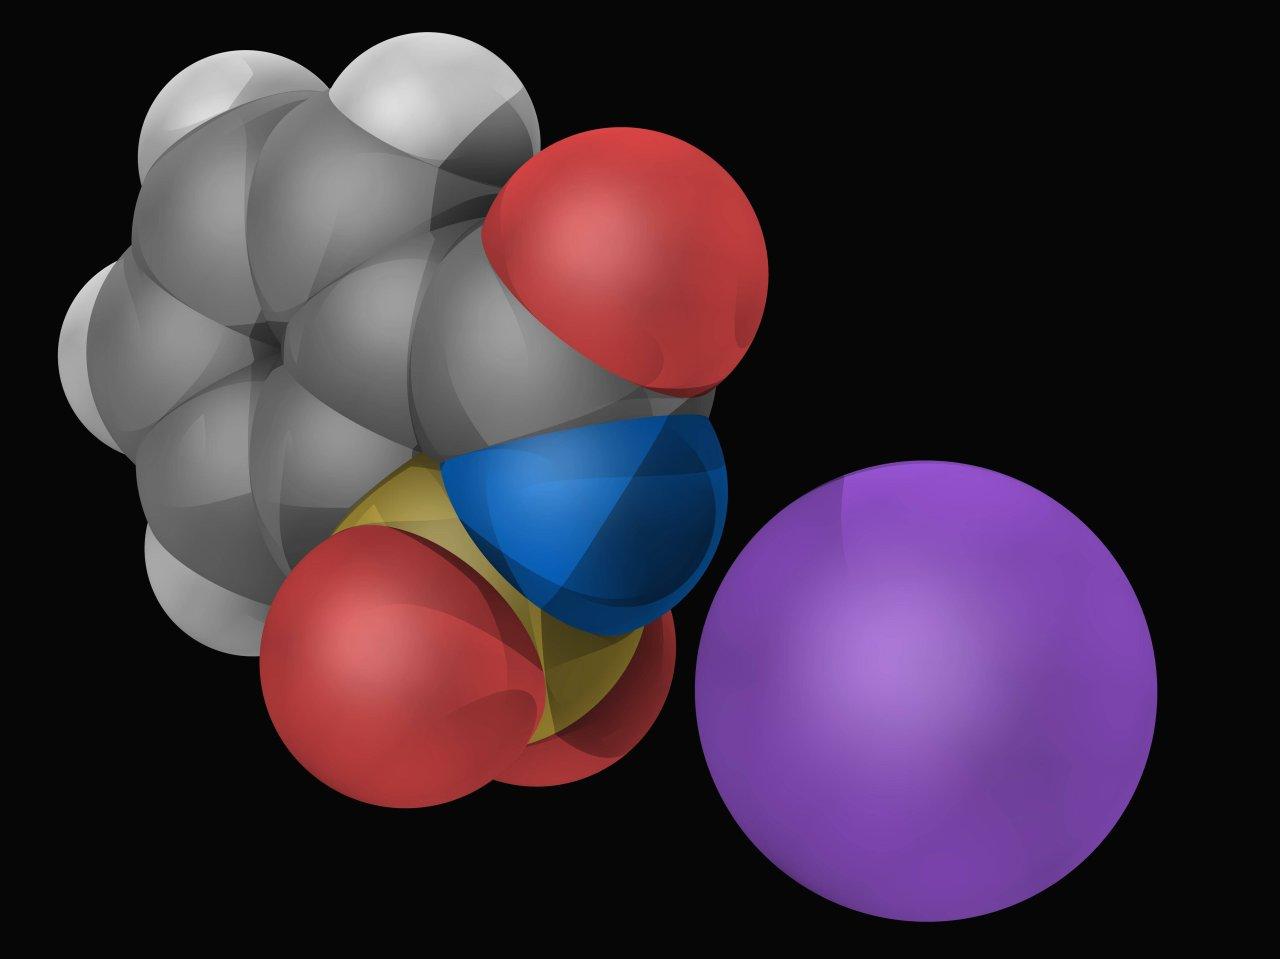 Saccharin, das Molekül des künstlichen Süßstoffs